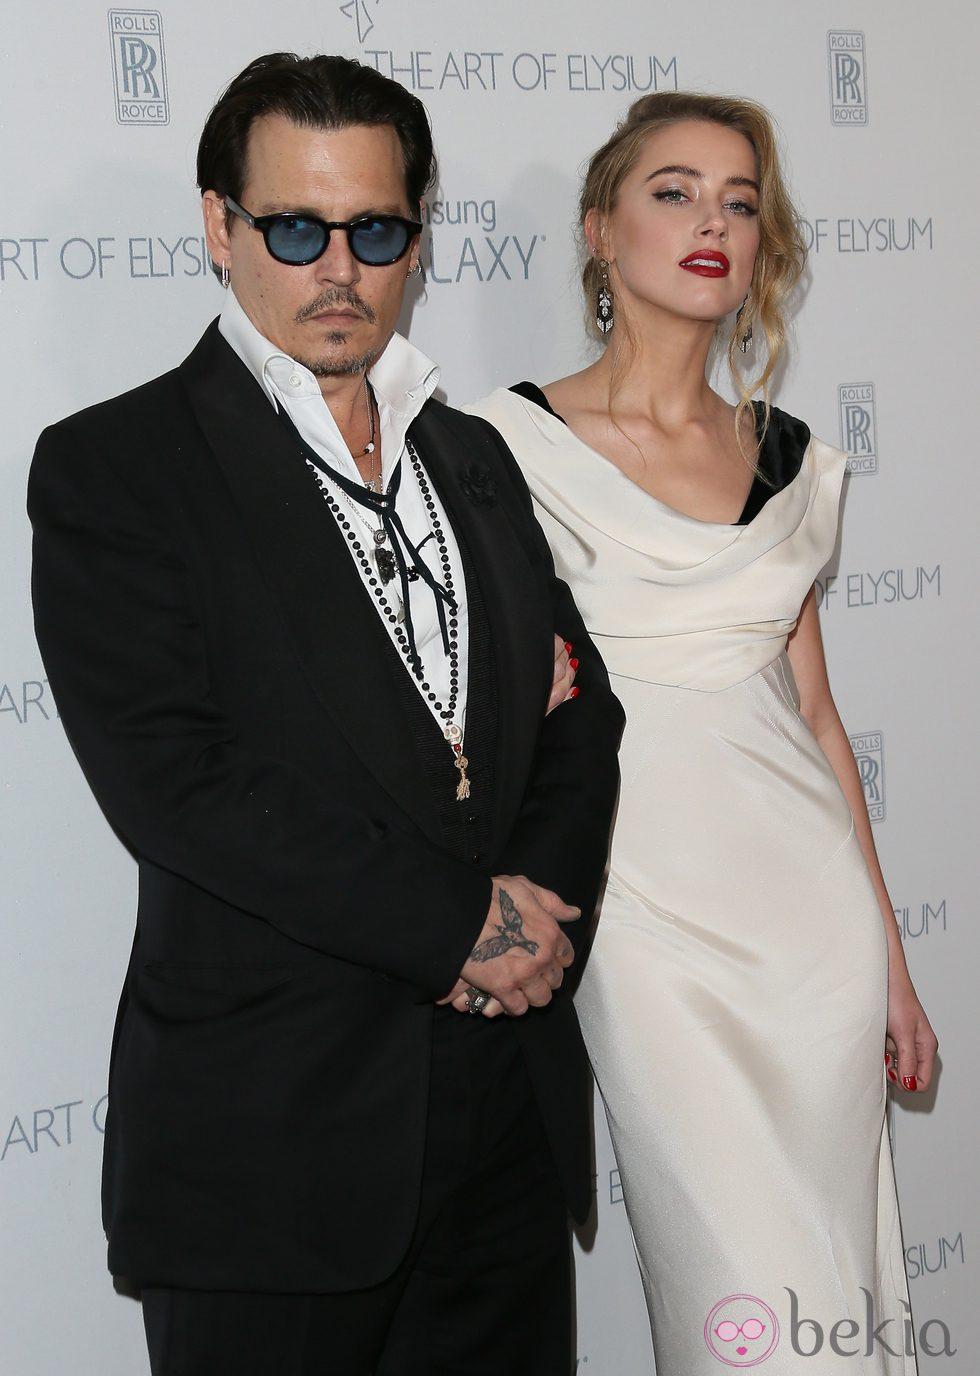 Johnny Depp y Amber Heard en la presentación de 'The Art of Elysium'